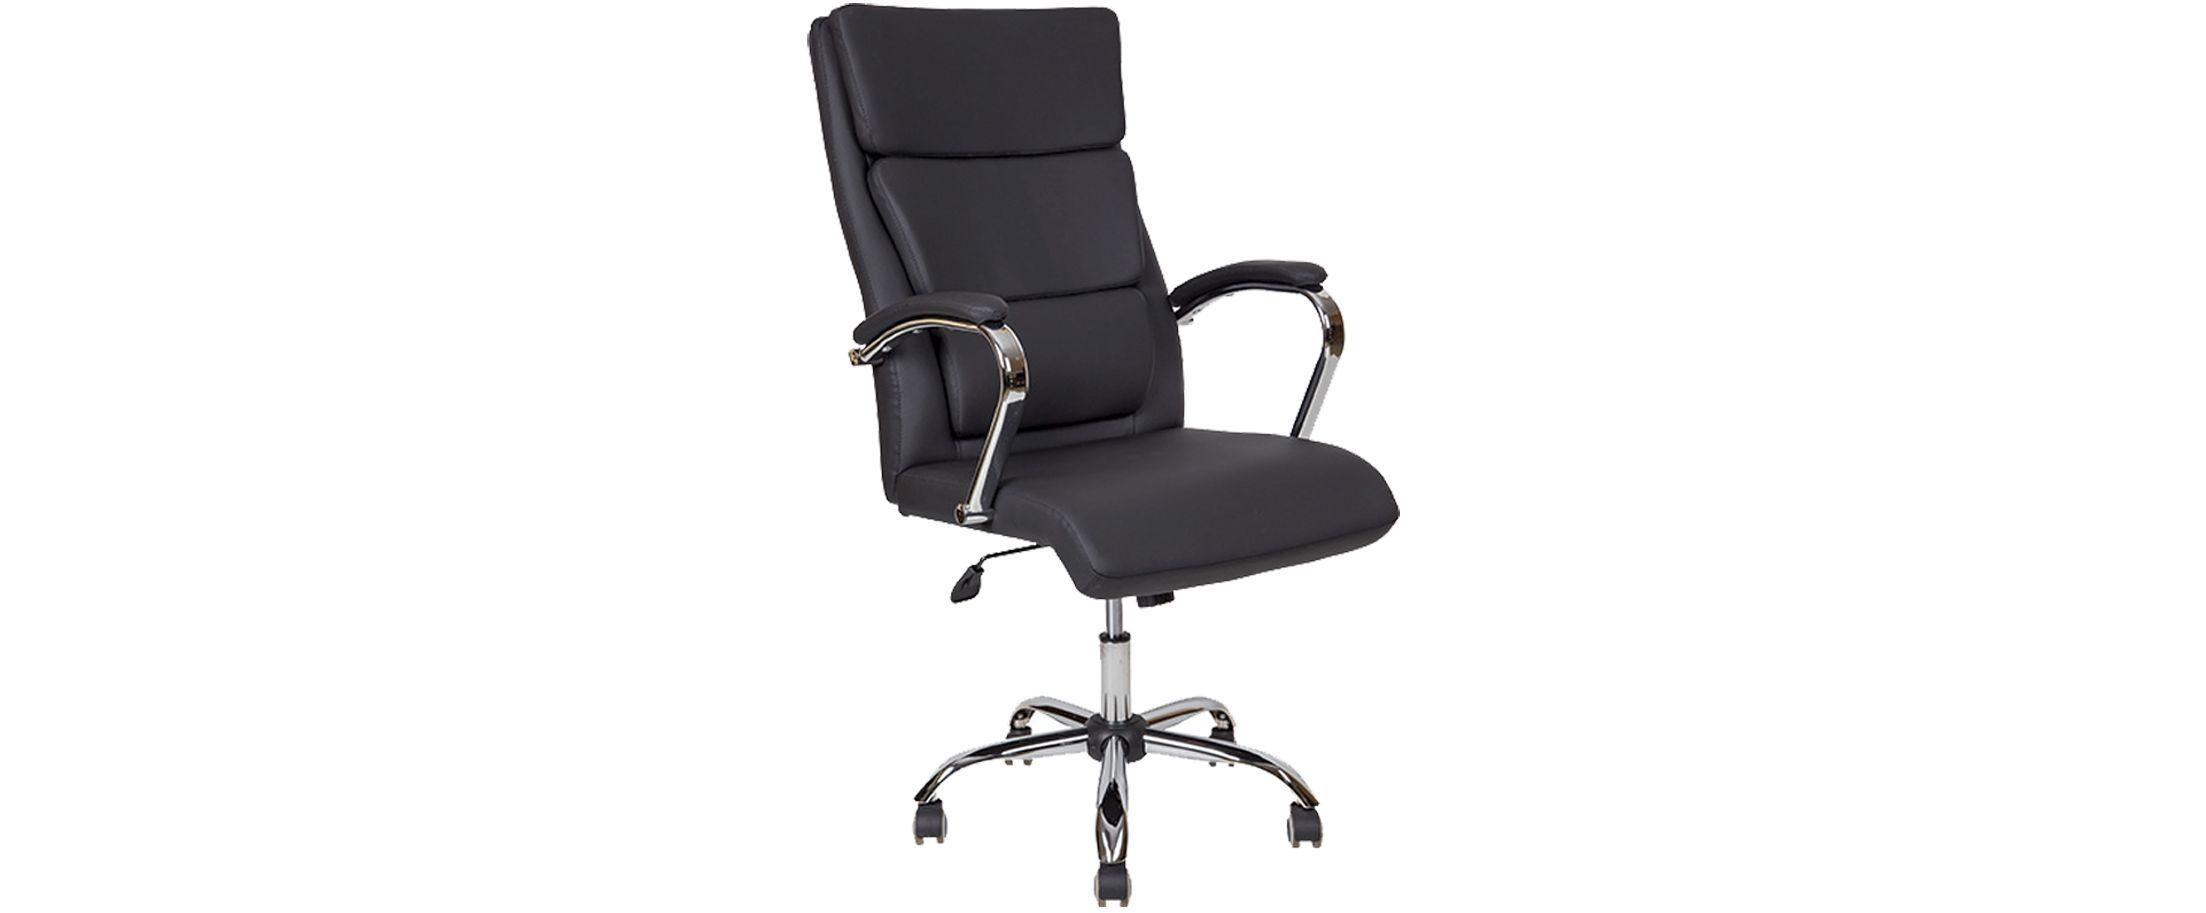 Кресло офисное AV 135 из экокожи цвет черный Модель 999Кресло офисное AV 135 из экокожи цвет черный Модель 999. Артикул Д000728<br><br>Ширина см: 62<br>Глубина см: 50<br>Высота см: 123<br>Цвет: Черный